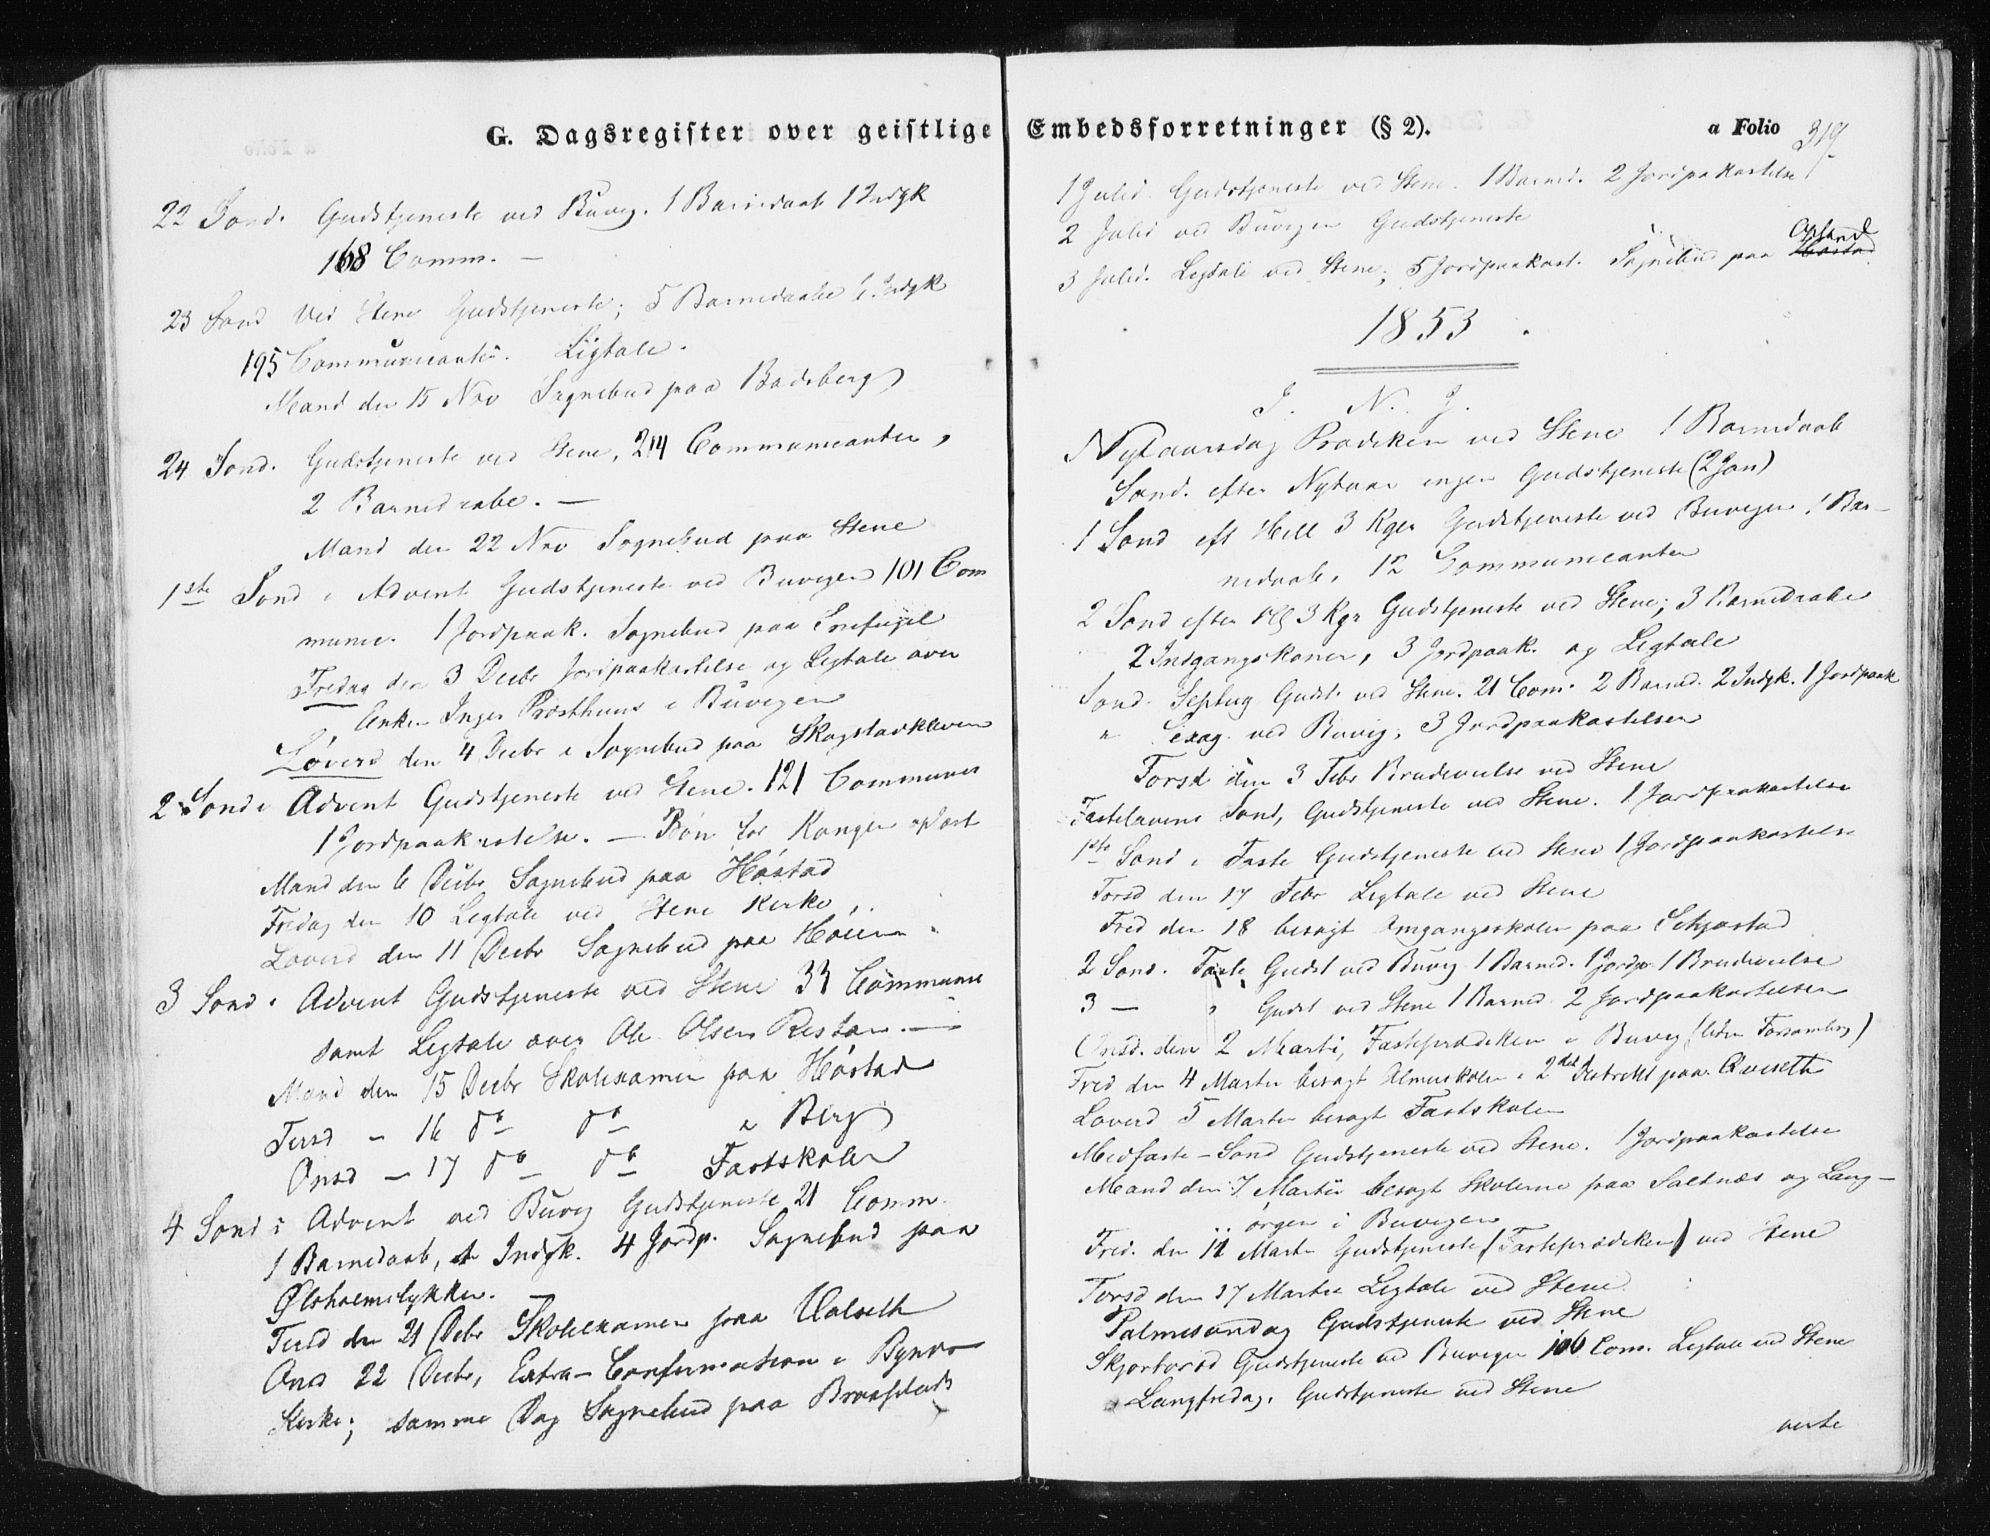 SAT, Ministerialprotokoller, klokkerbøker og fødselsregistre - Sør-Trøndelag, 612/L0376: Ministerialbok nr. 612A08, 1846-1859, s. 319